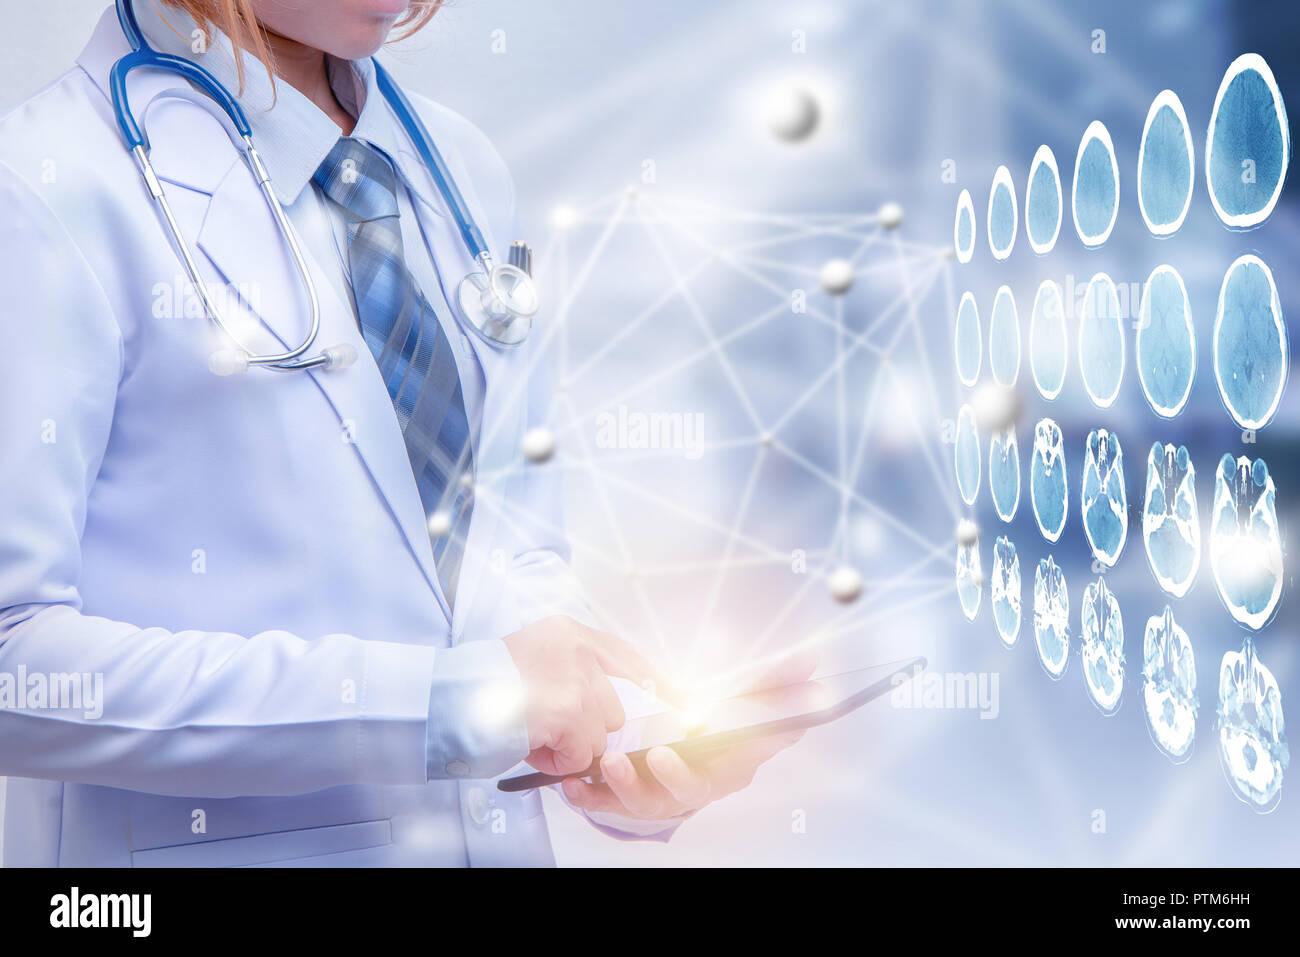 45607da3a Doble exposición doctora celebración tablet o teléfono inteligente, concepto  médico moderno, ilustración, diseño y tecnología médica cerebral CT